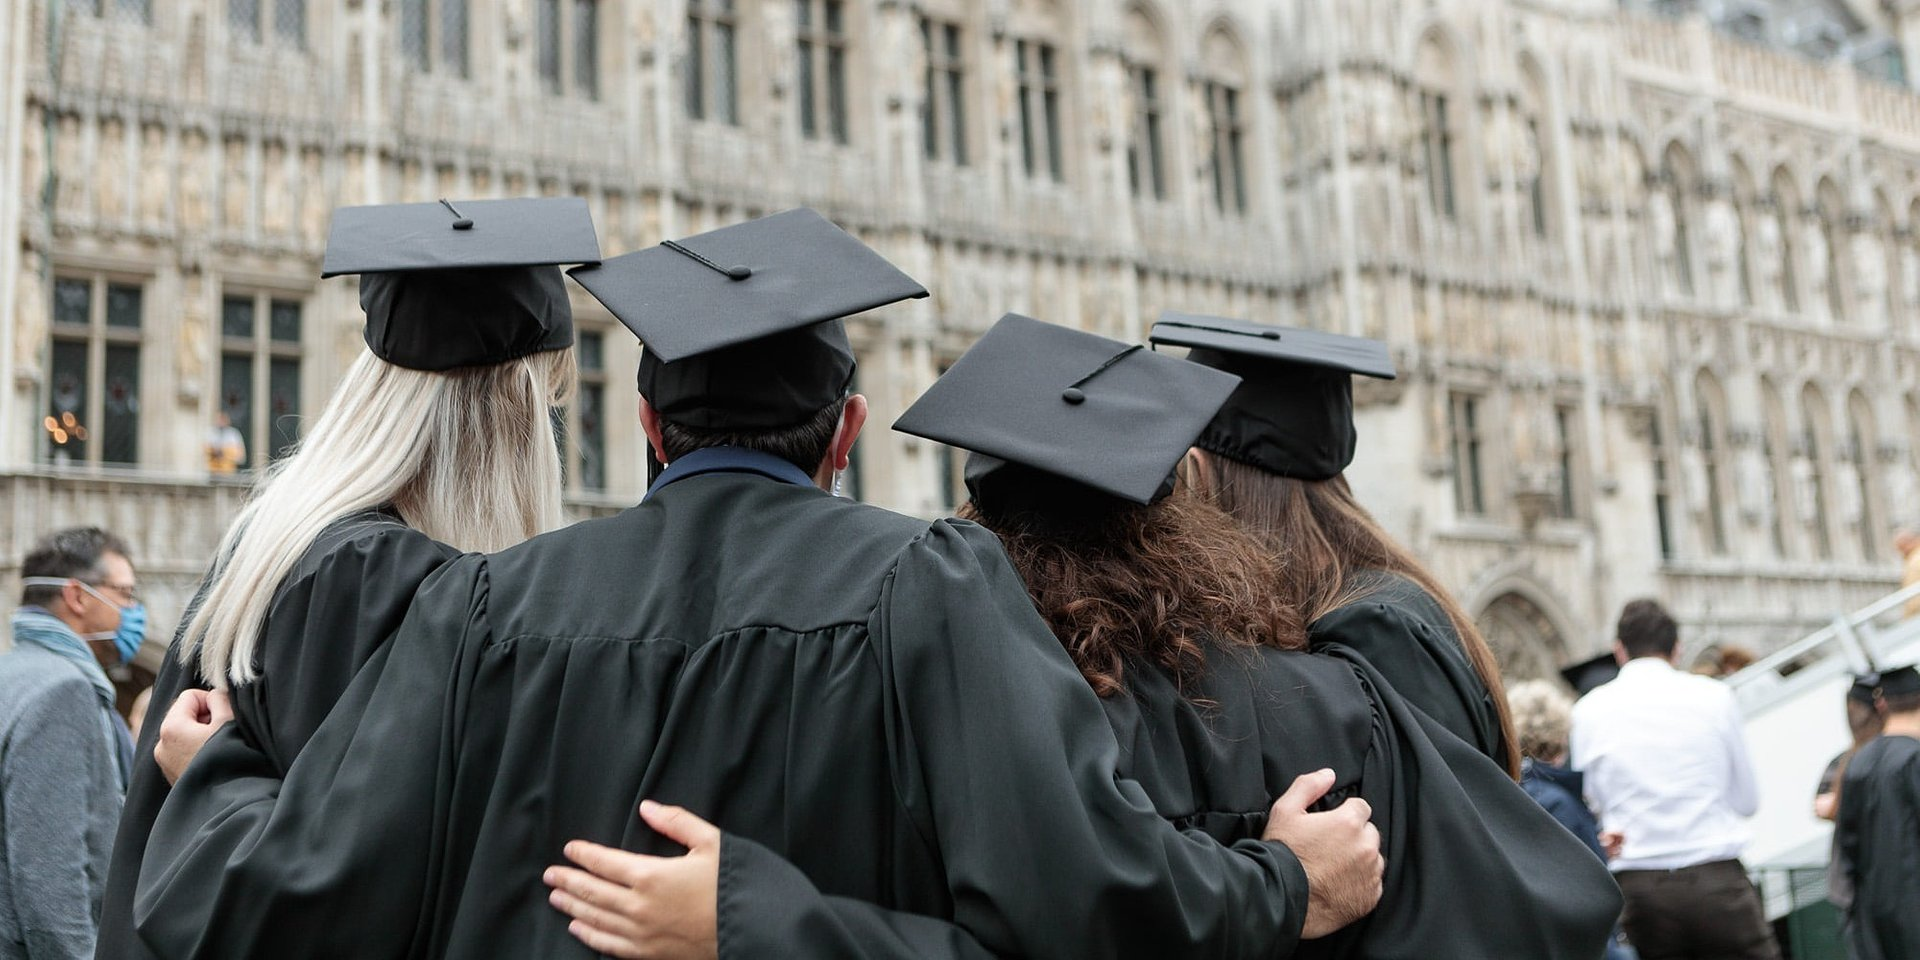 Wolność w rozwoju, czyli kilka słów o tym, jak usprawniliśmy sieć Université libre de Bruxelles